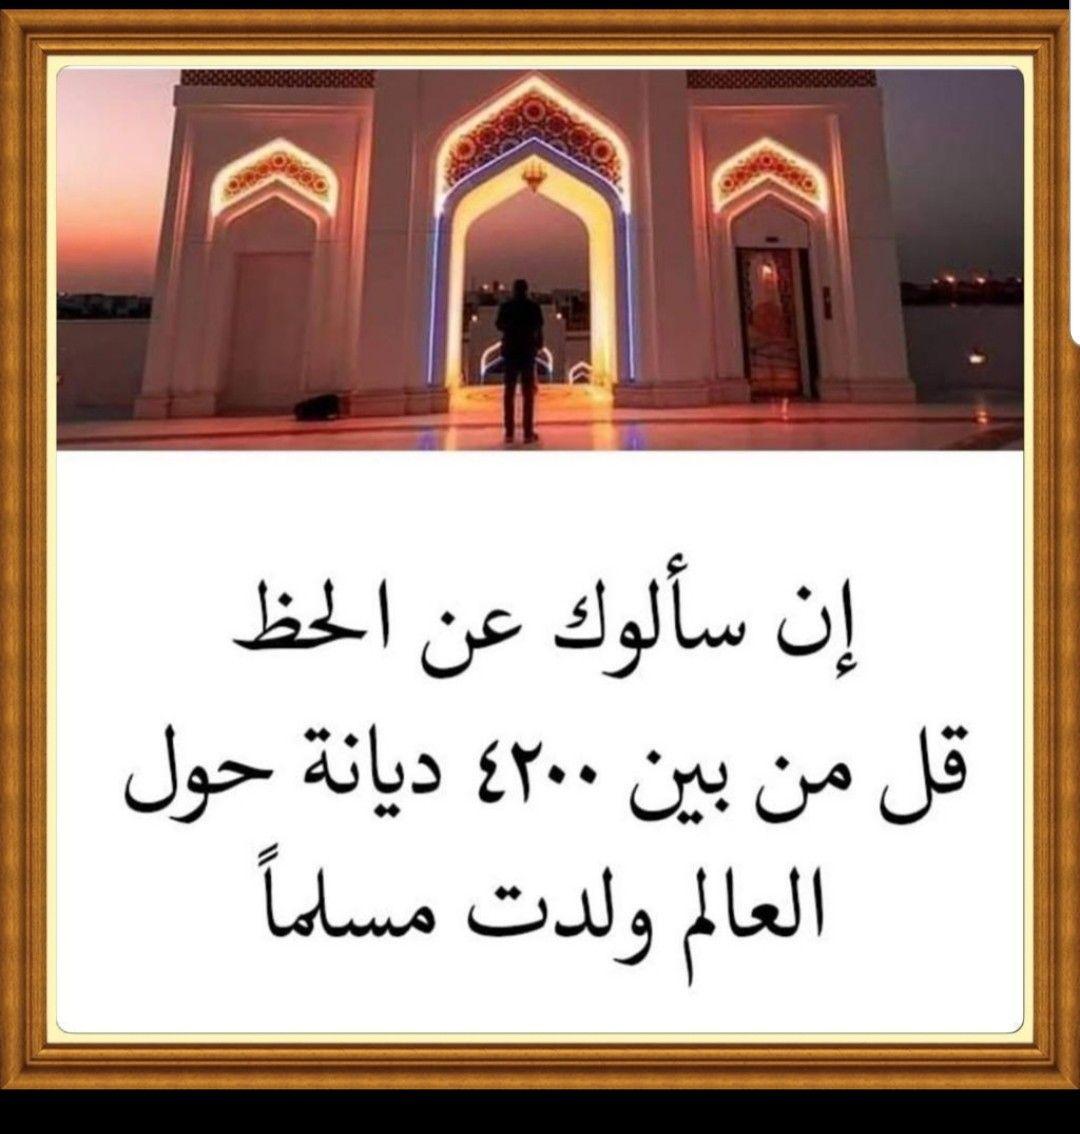 اللهم انك انعمت علي بنعمة الإسلام دون أن أسألك اللهم اني اسألك نعمة الجنة Home Decor Decals Home Decor Decor